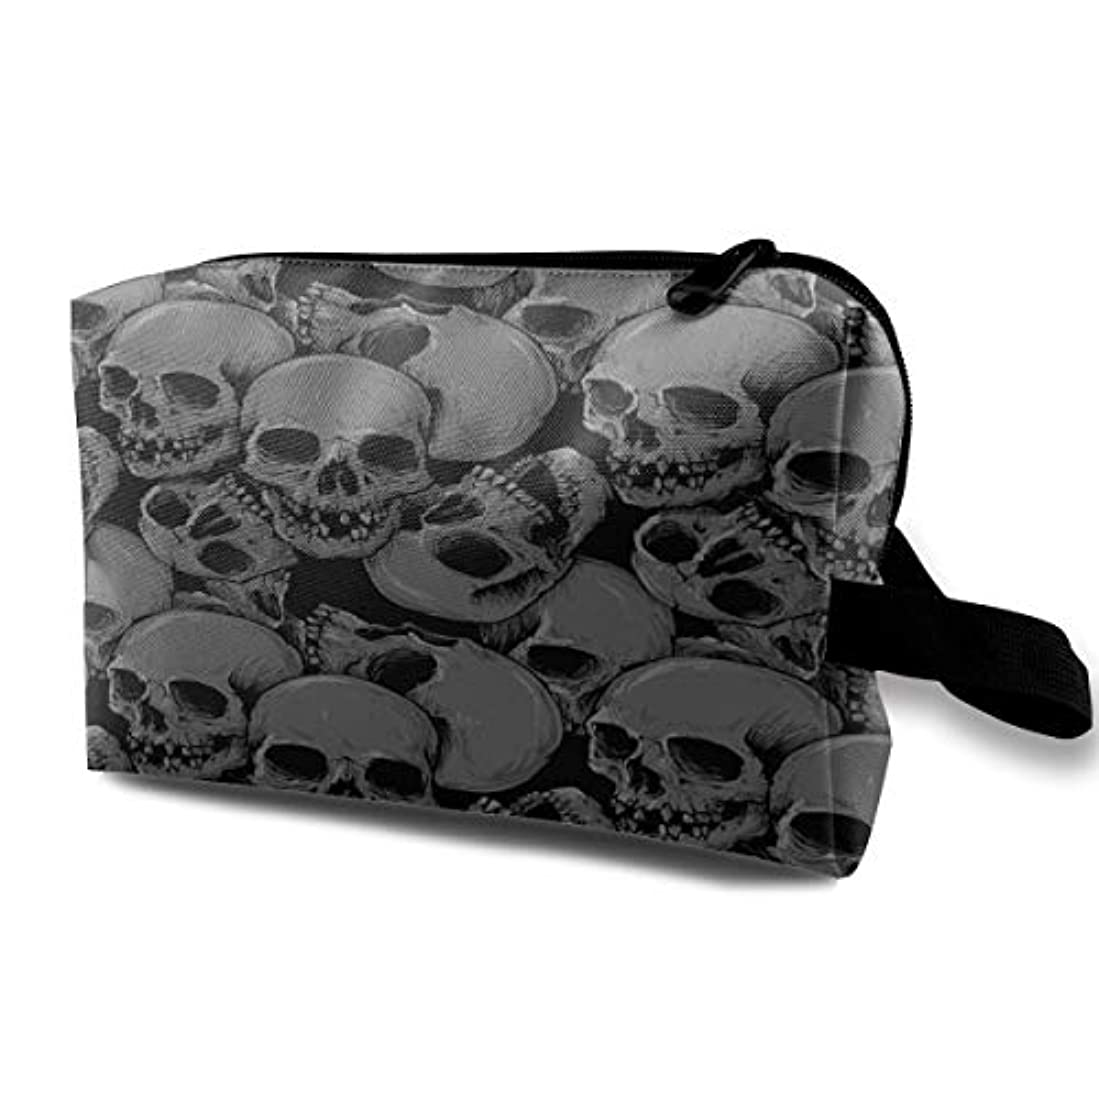 宣伝ダイアクリティカルレンダリングA Lot Of Skulls 収納ポーチ 化粧ポーチ 大容量 軽量 耐久性 ハンドル付持ち運び便利。入れ 自宅・出張・旅行・アウトドア撮影などに対応。メンズ レディース トラベルグッズ